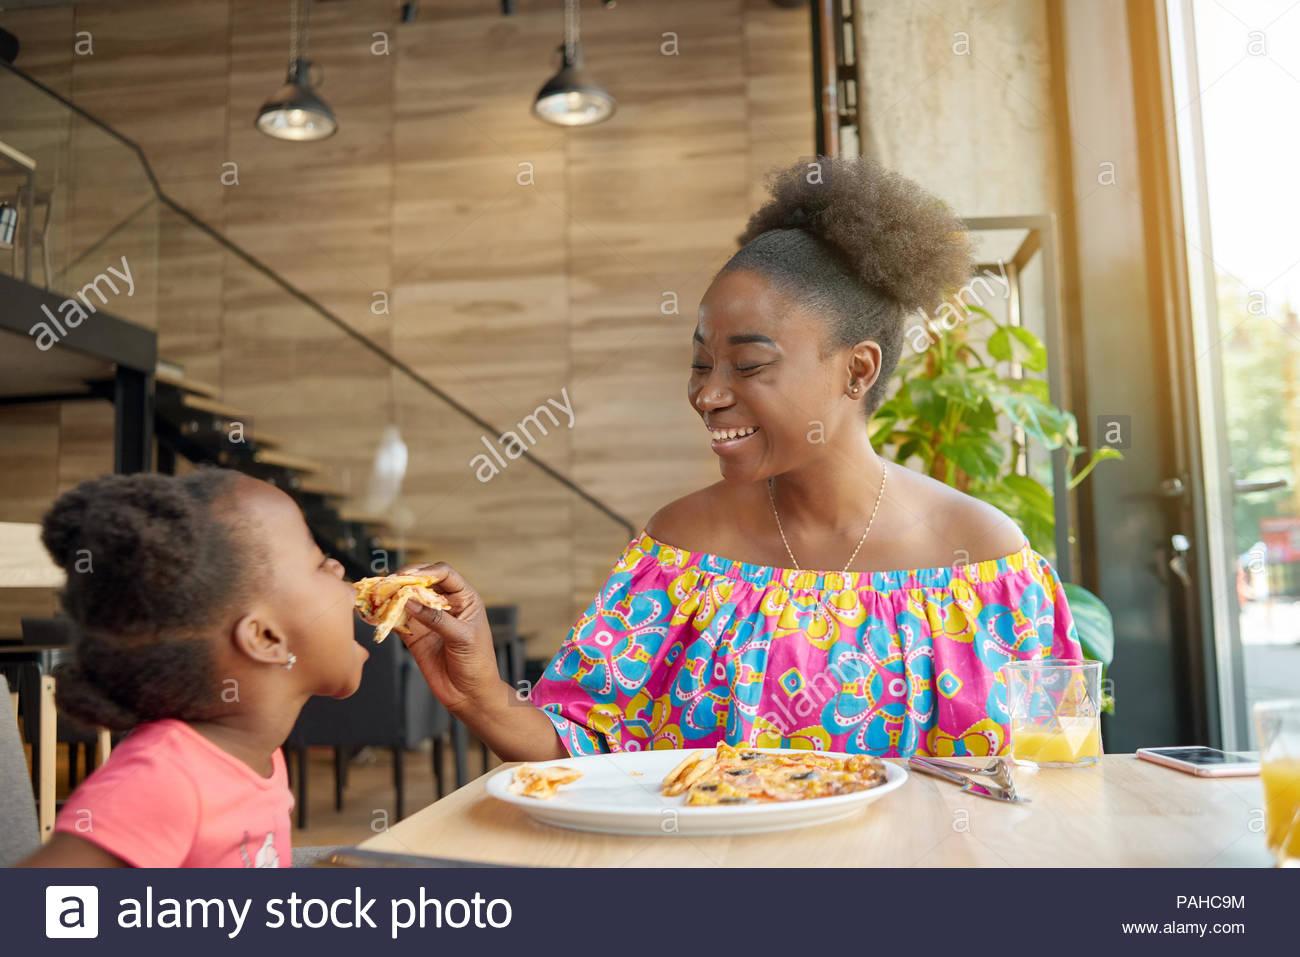 Ridendo madre bambino alimentazione deliziosa pizza seduti in progettato loft restaurant. Sorridente, avente un buon umore, meraviglioso tempo insieme, famiglia deliziosa. Altri client in seduta cafe sfondo. Immagini Stock